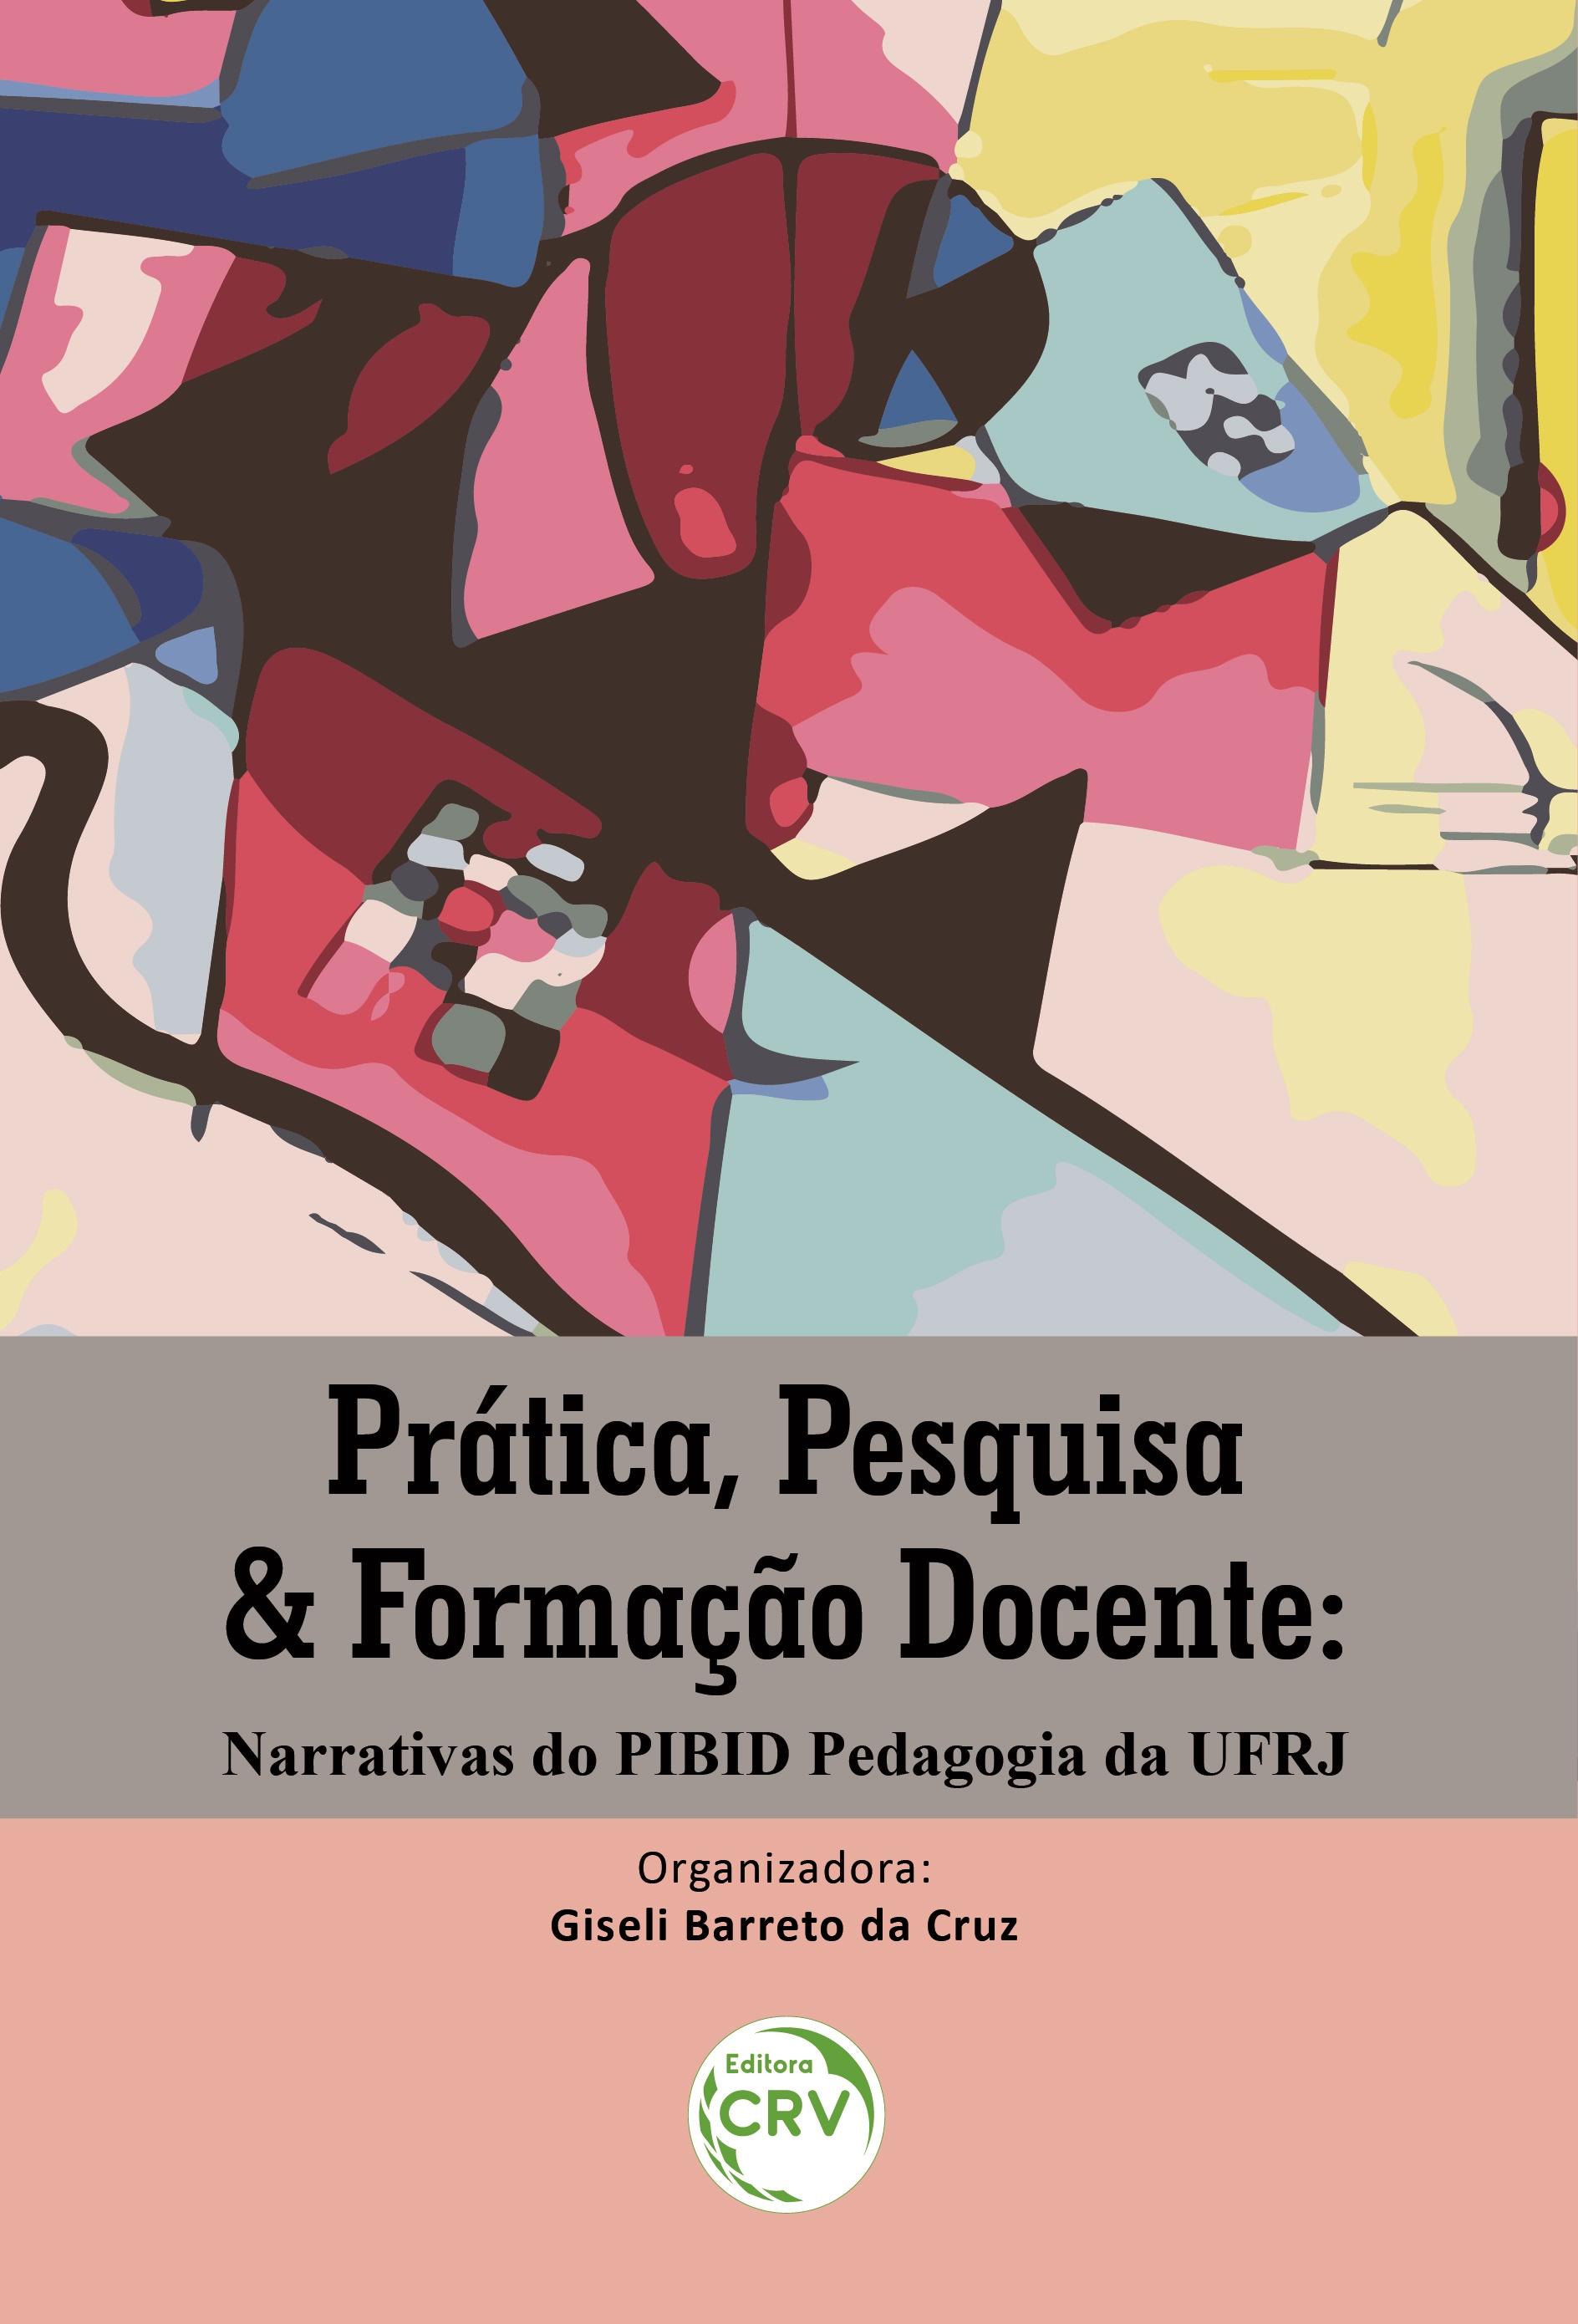 Capa do livro: PRÁTICA, PESQUISA & FORMAÇÃO DOCENTE:  <br>narrativas do PIBID Pedagogia da UFRJ